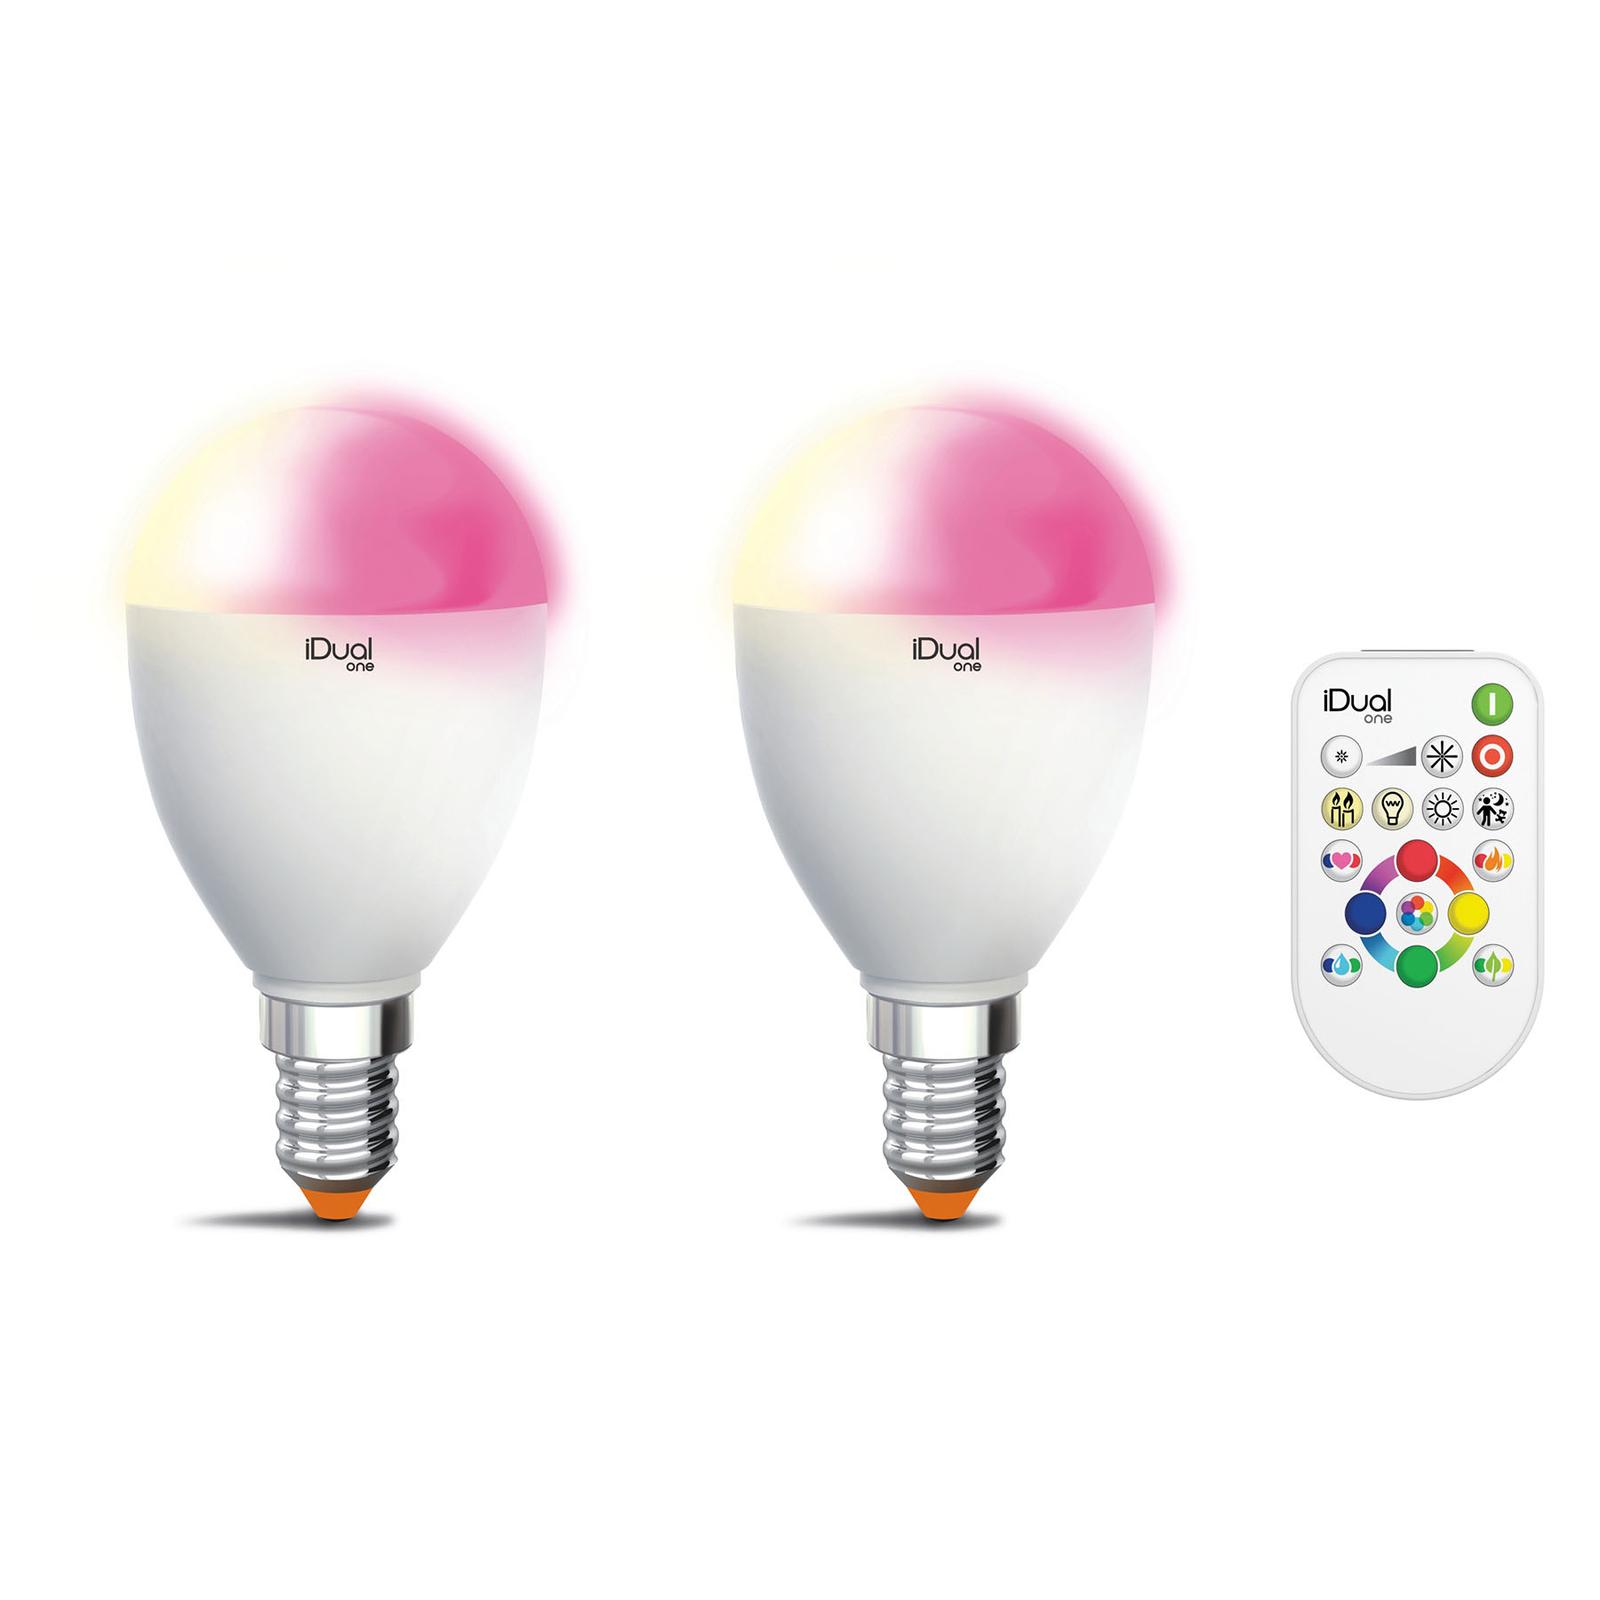 iDual One E14 5,3W RGBW 2er Pack, Fernbedienung